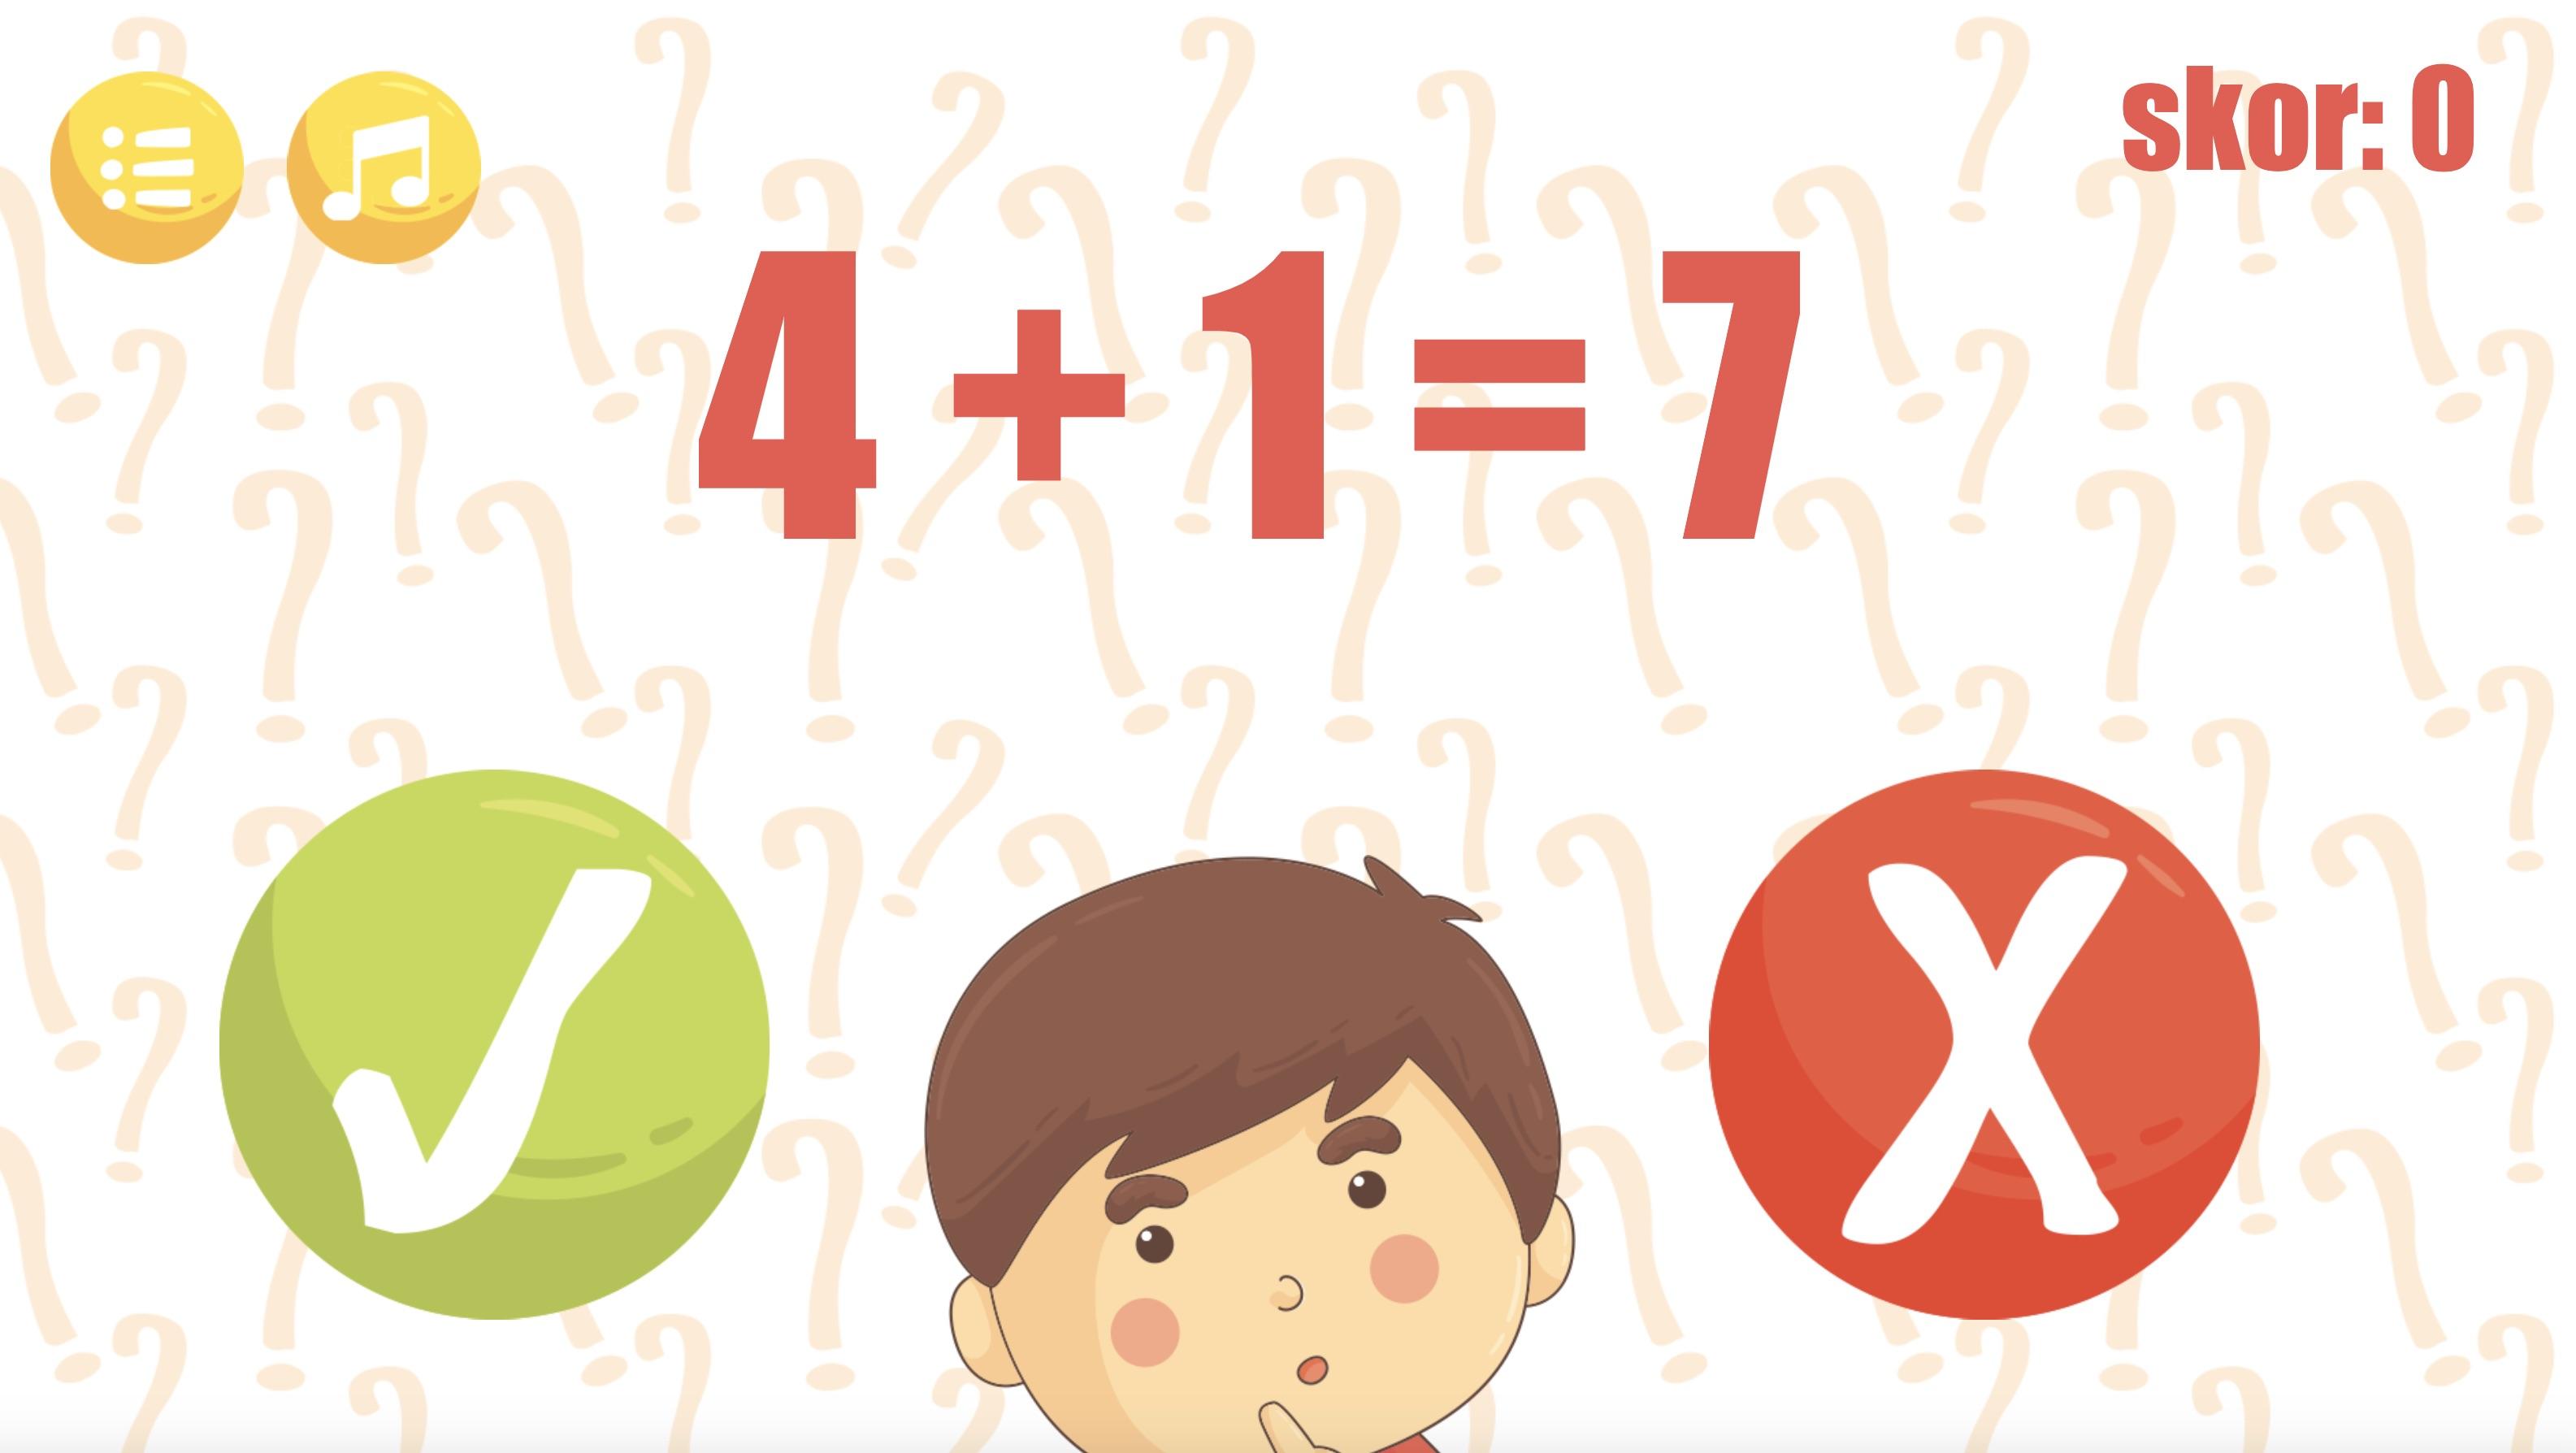 Matematik Oyunu Doğru - Yanlış